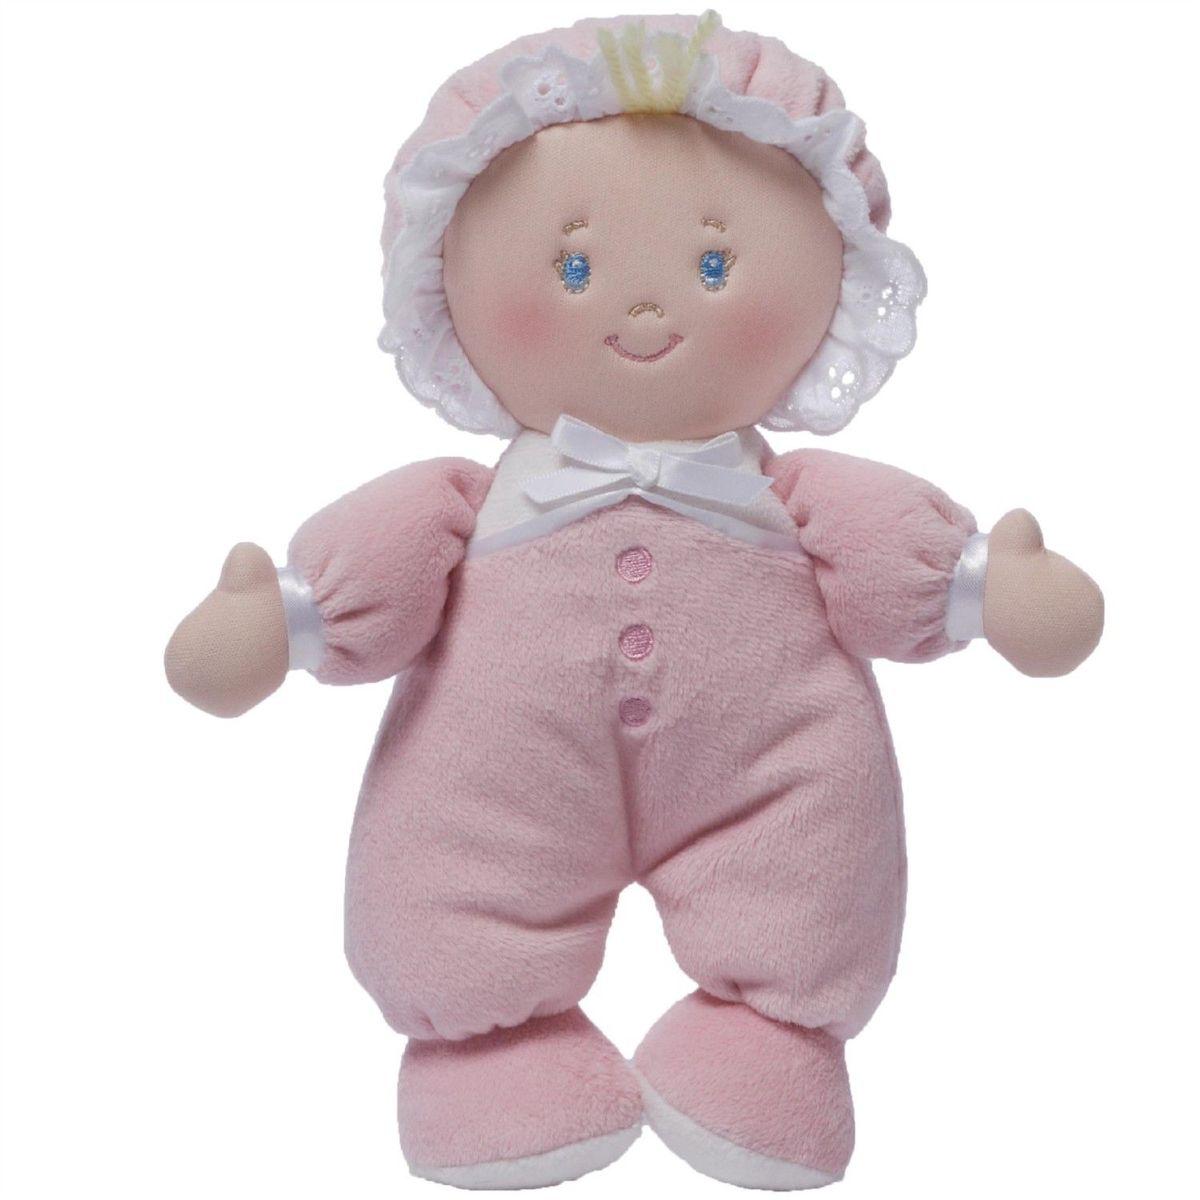 Gund Мягкая кукла Kaylee Doll4048426Милые, мягкие и безопасные, игрушки фирмы Gund отличаются реалистичным внешним видом, напоминающим настоящего питомца. Только посмотрите на эту милую мордашку, которая так приветливо смотрит на вас. Разве можно устоять перед её обаянием? Конечно нет, да и не нужно! Такая игрушка вызывает умиление не только у детей , но и у взрослых. Поэтому она станет отличным подарком не только ребёнку, но и друзьям!